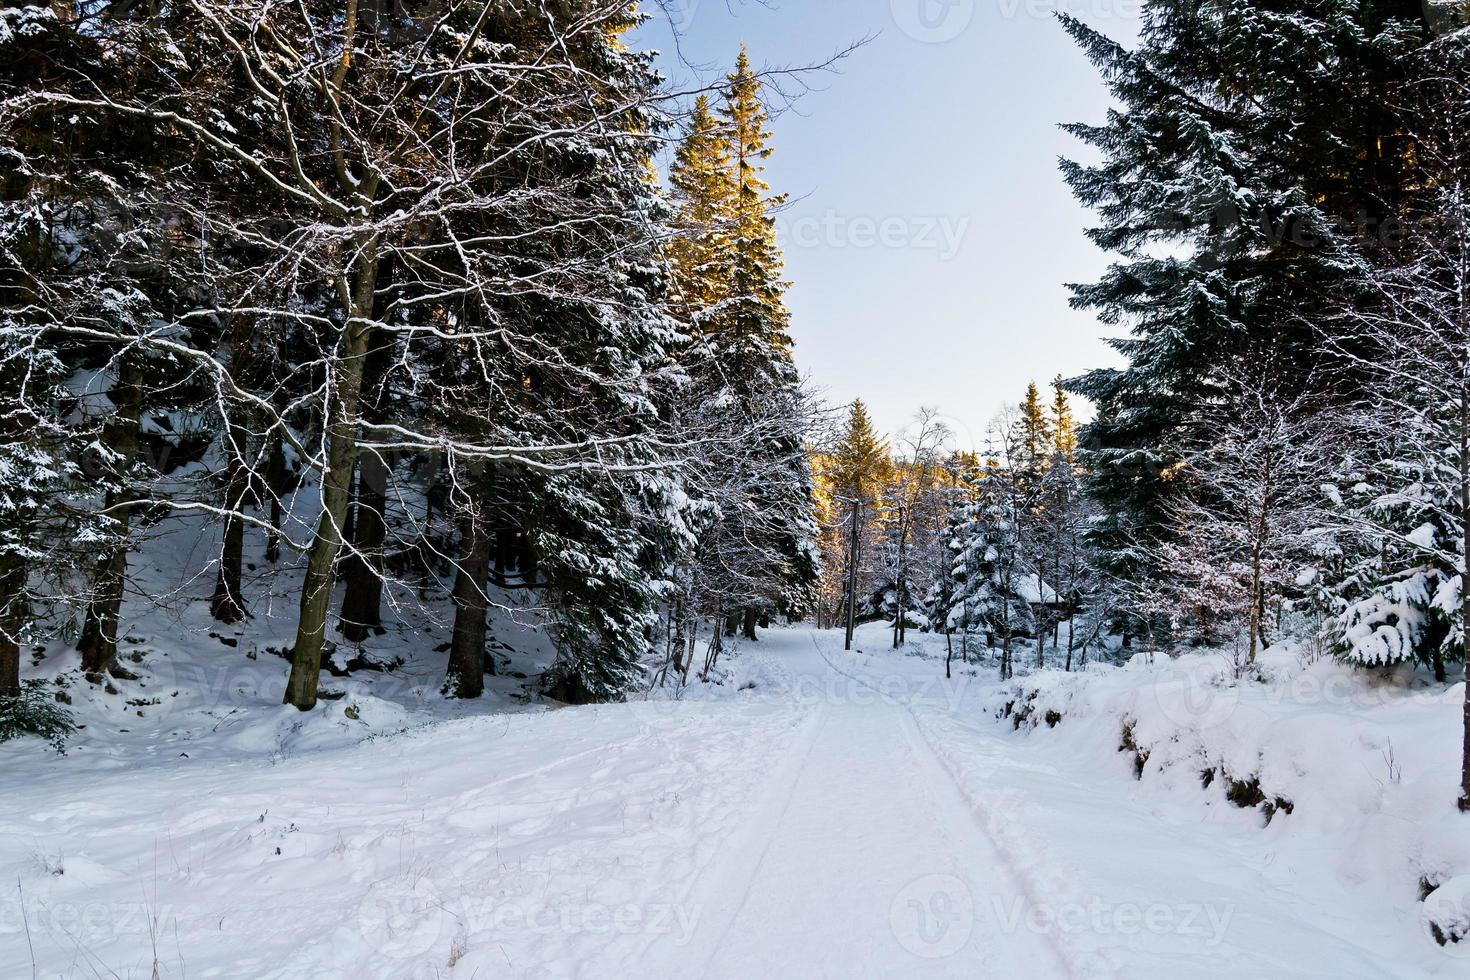 paisajes nevados ii foto